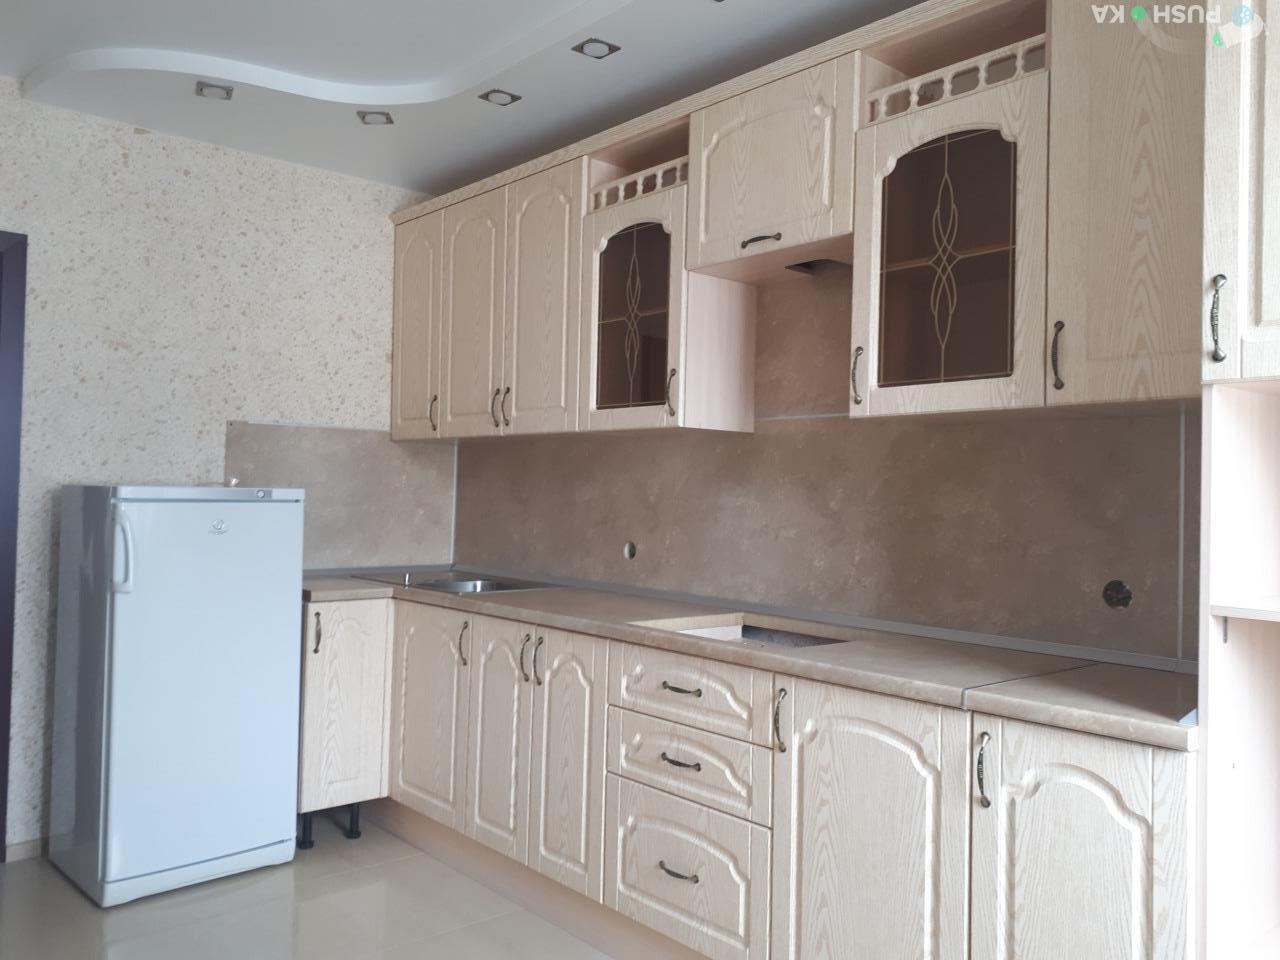 Купить однокомнатную квартиру г Ульяновск, ул Ленина, д 22  - World Real Estate Service «PUSH-KA», объявление №359